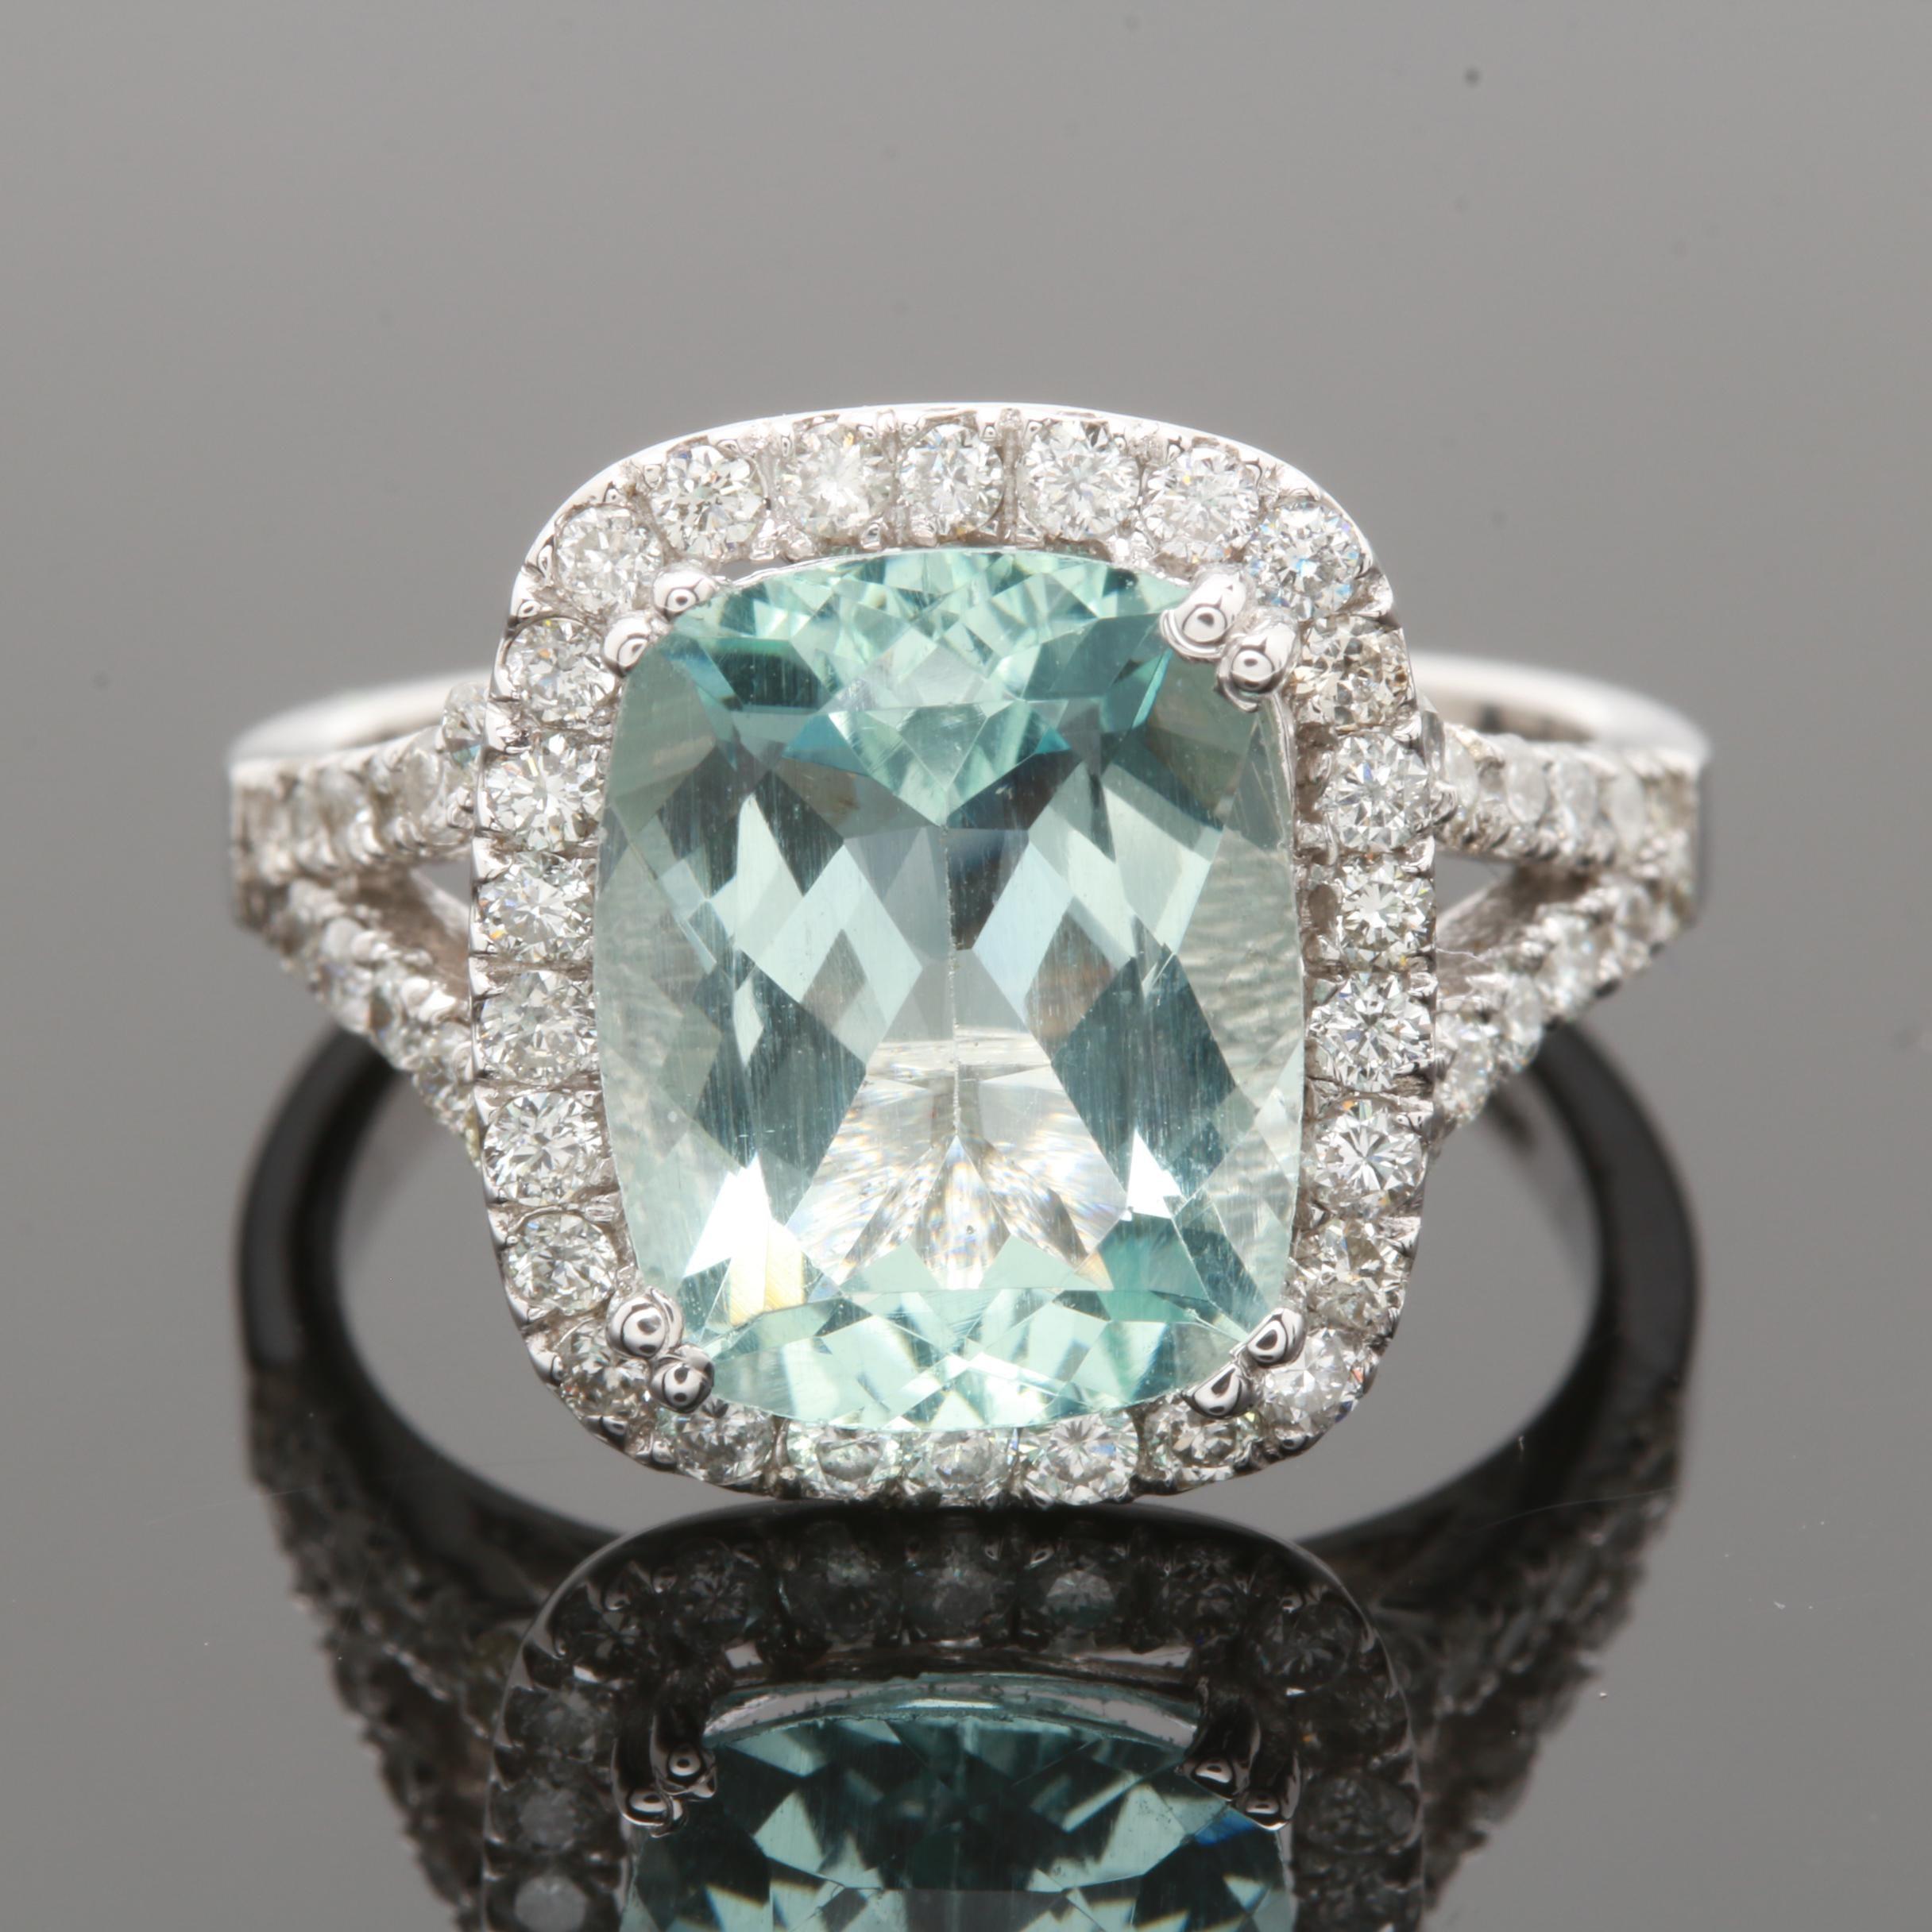 14K White Gold 3.12 CT Aquamarine and Diamond Ring